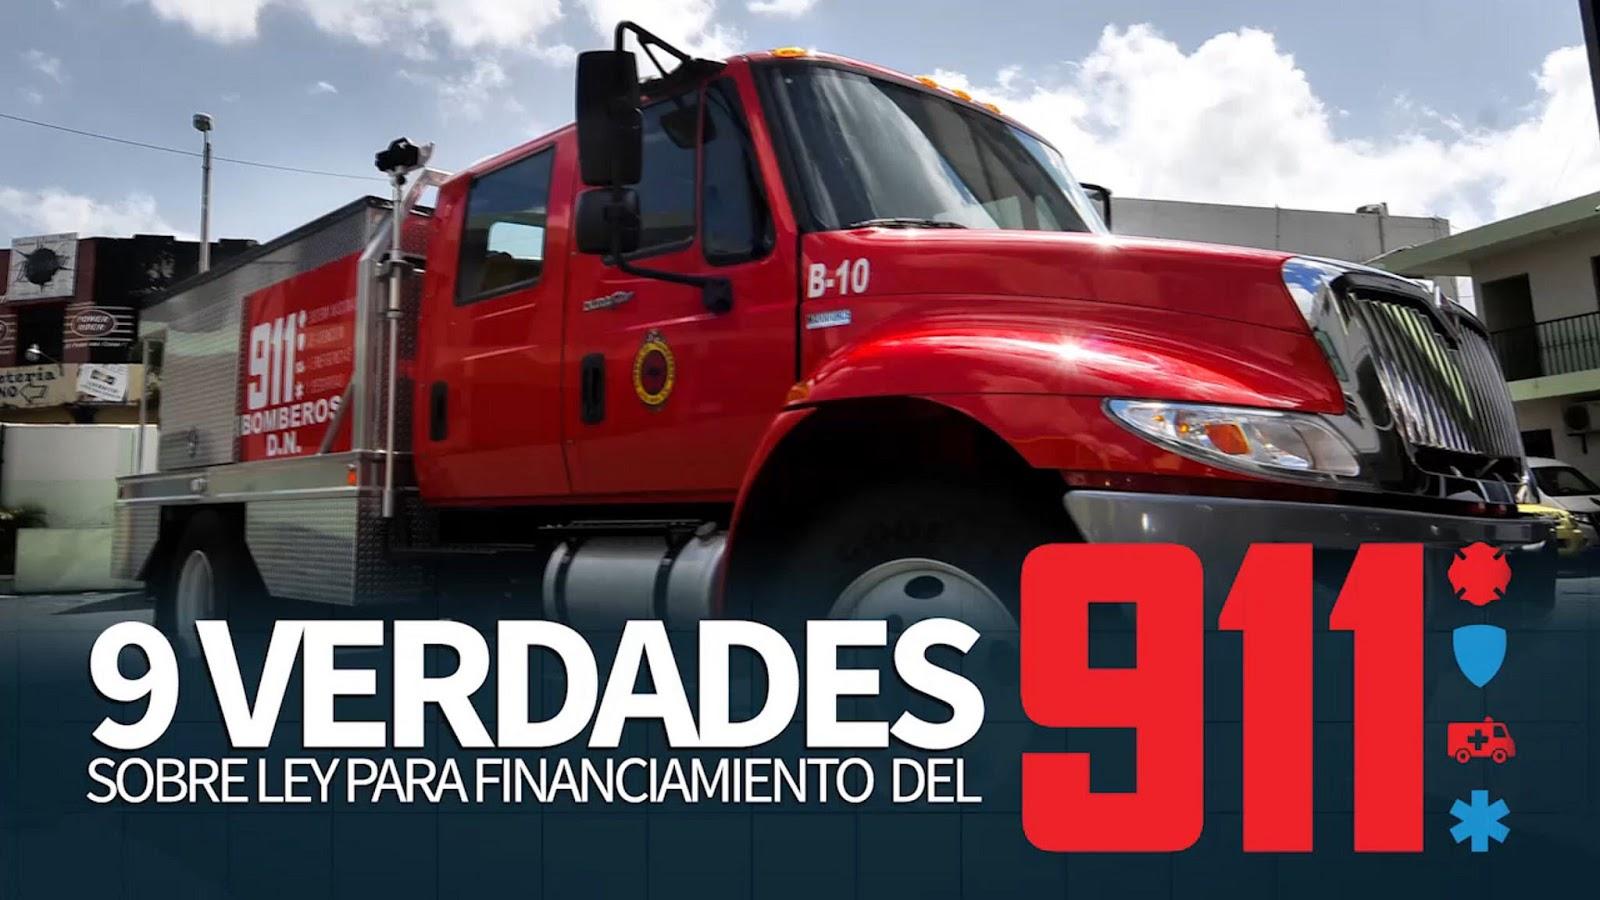 Nueve verdades sobre ley financiamiento 911